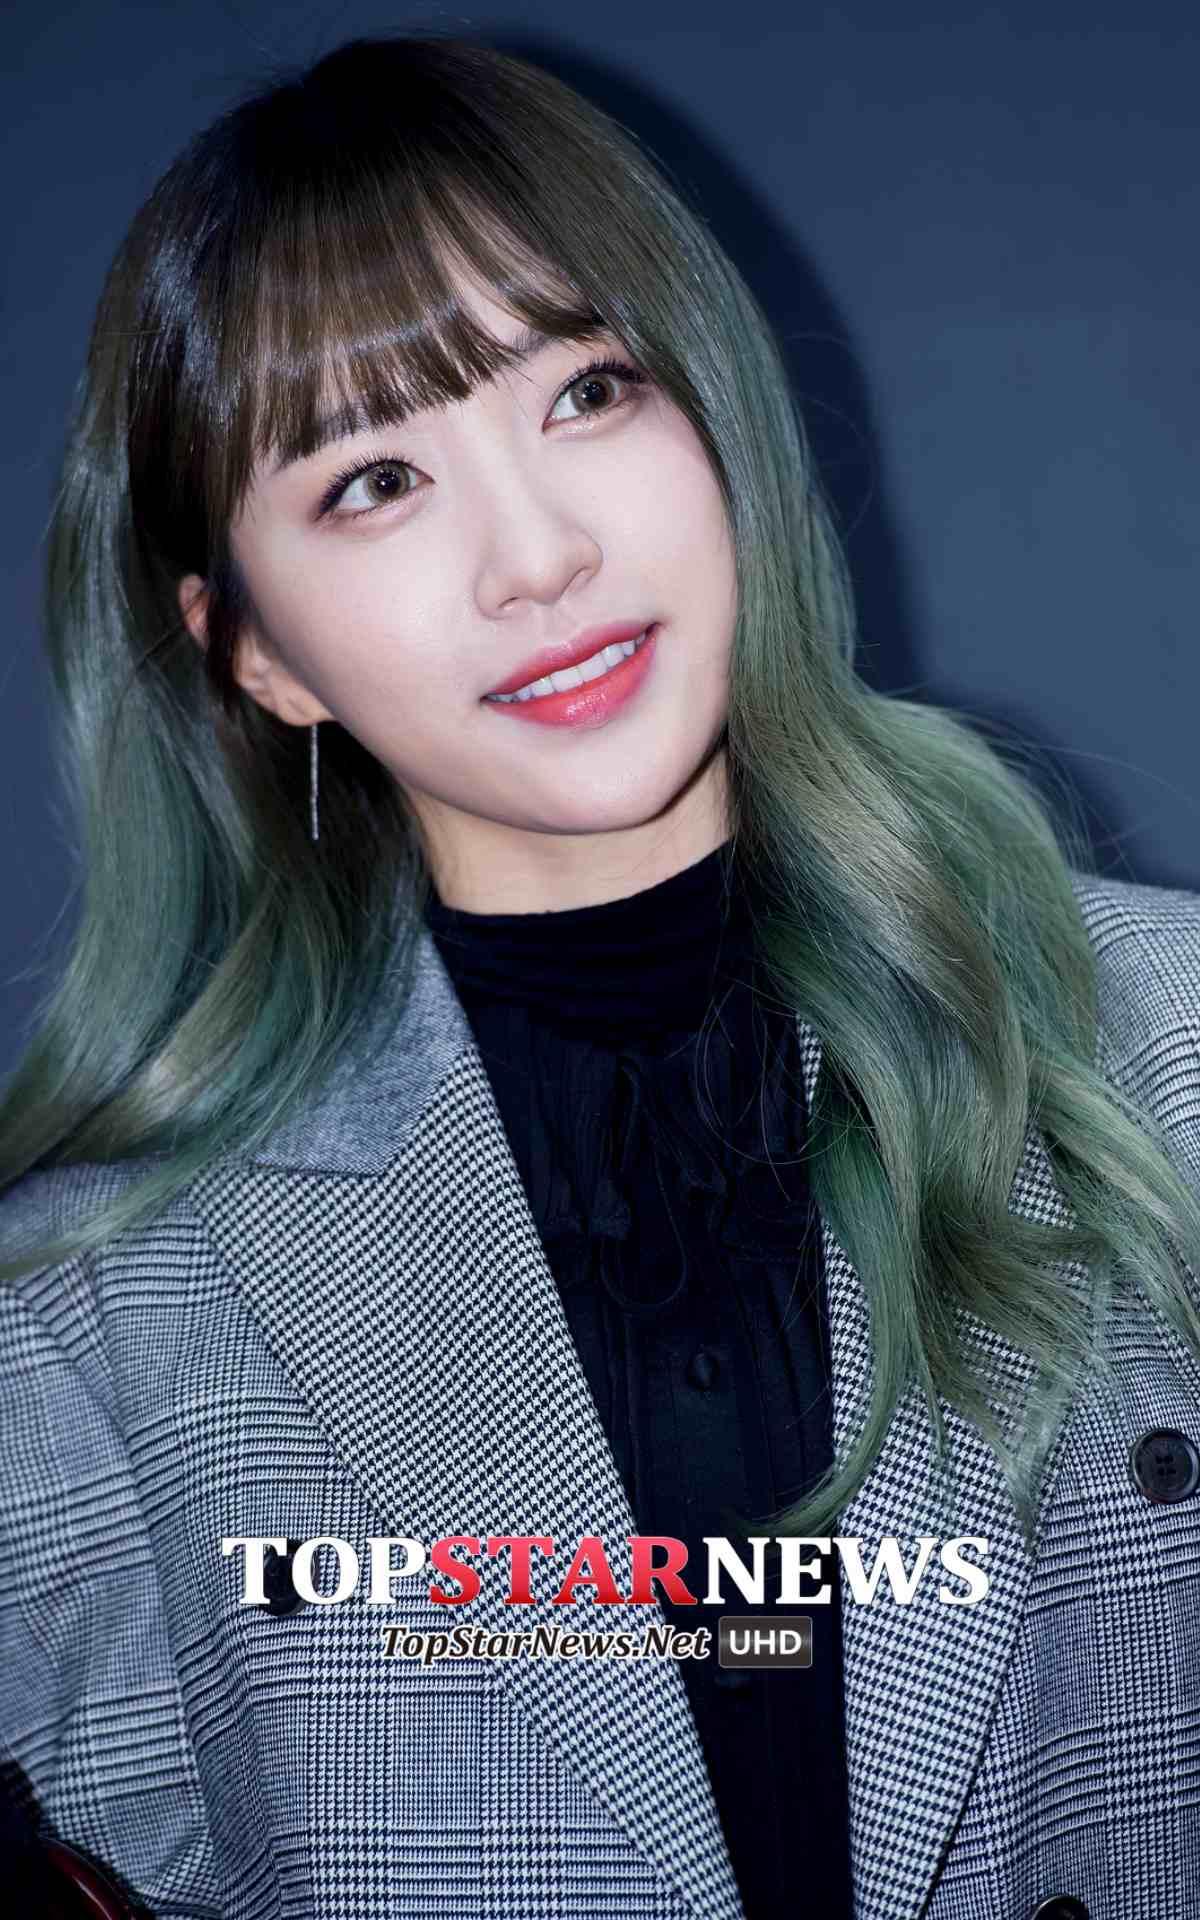 首先是棕綠色的Hani~妝容很精緻的Hani在舞台上絕對會配戴放大片,出門沒有放大片的照片反而超難找XD特別這時期從髮型到眼睛都偏同一色系的感覺非常漂亮!